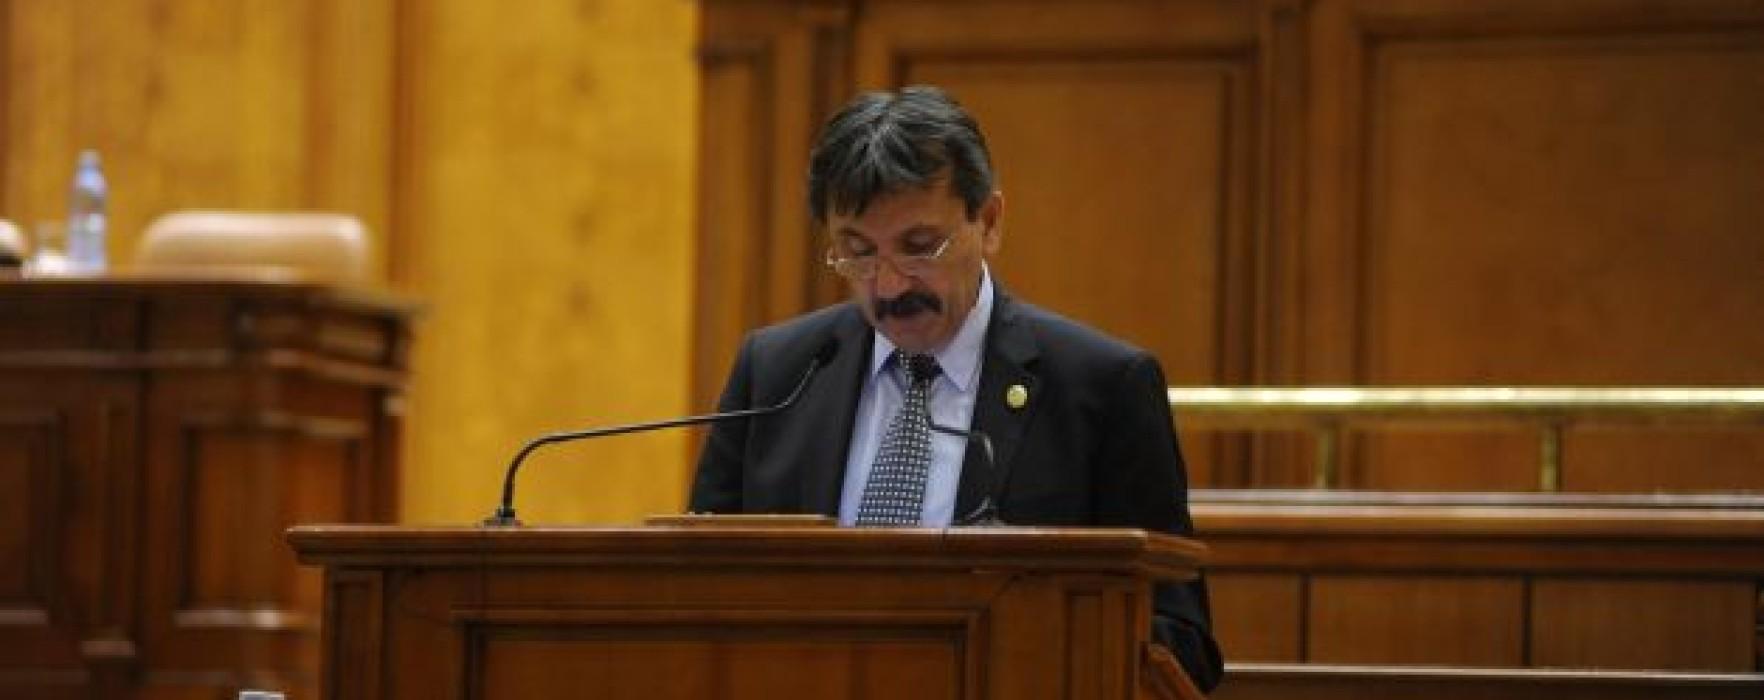 Stanciu Zisu (PSD), parlamentarul de Dâmboviţa cu cele mai multe iniţiative legislative